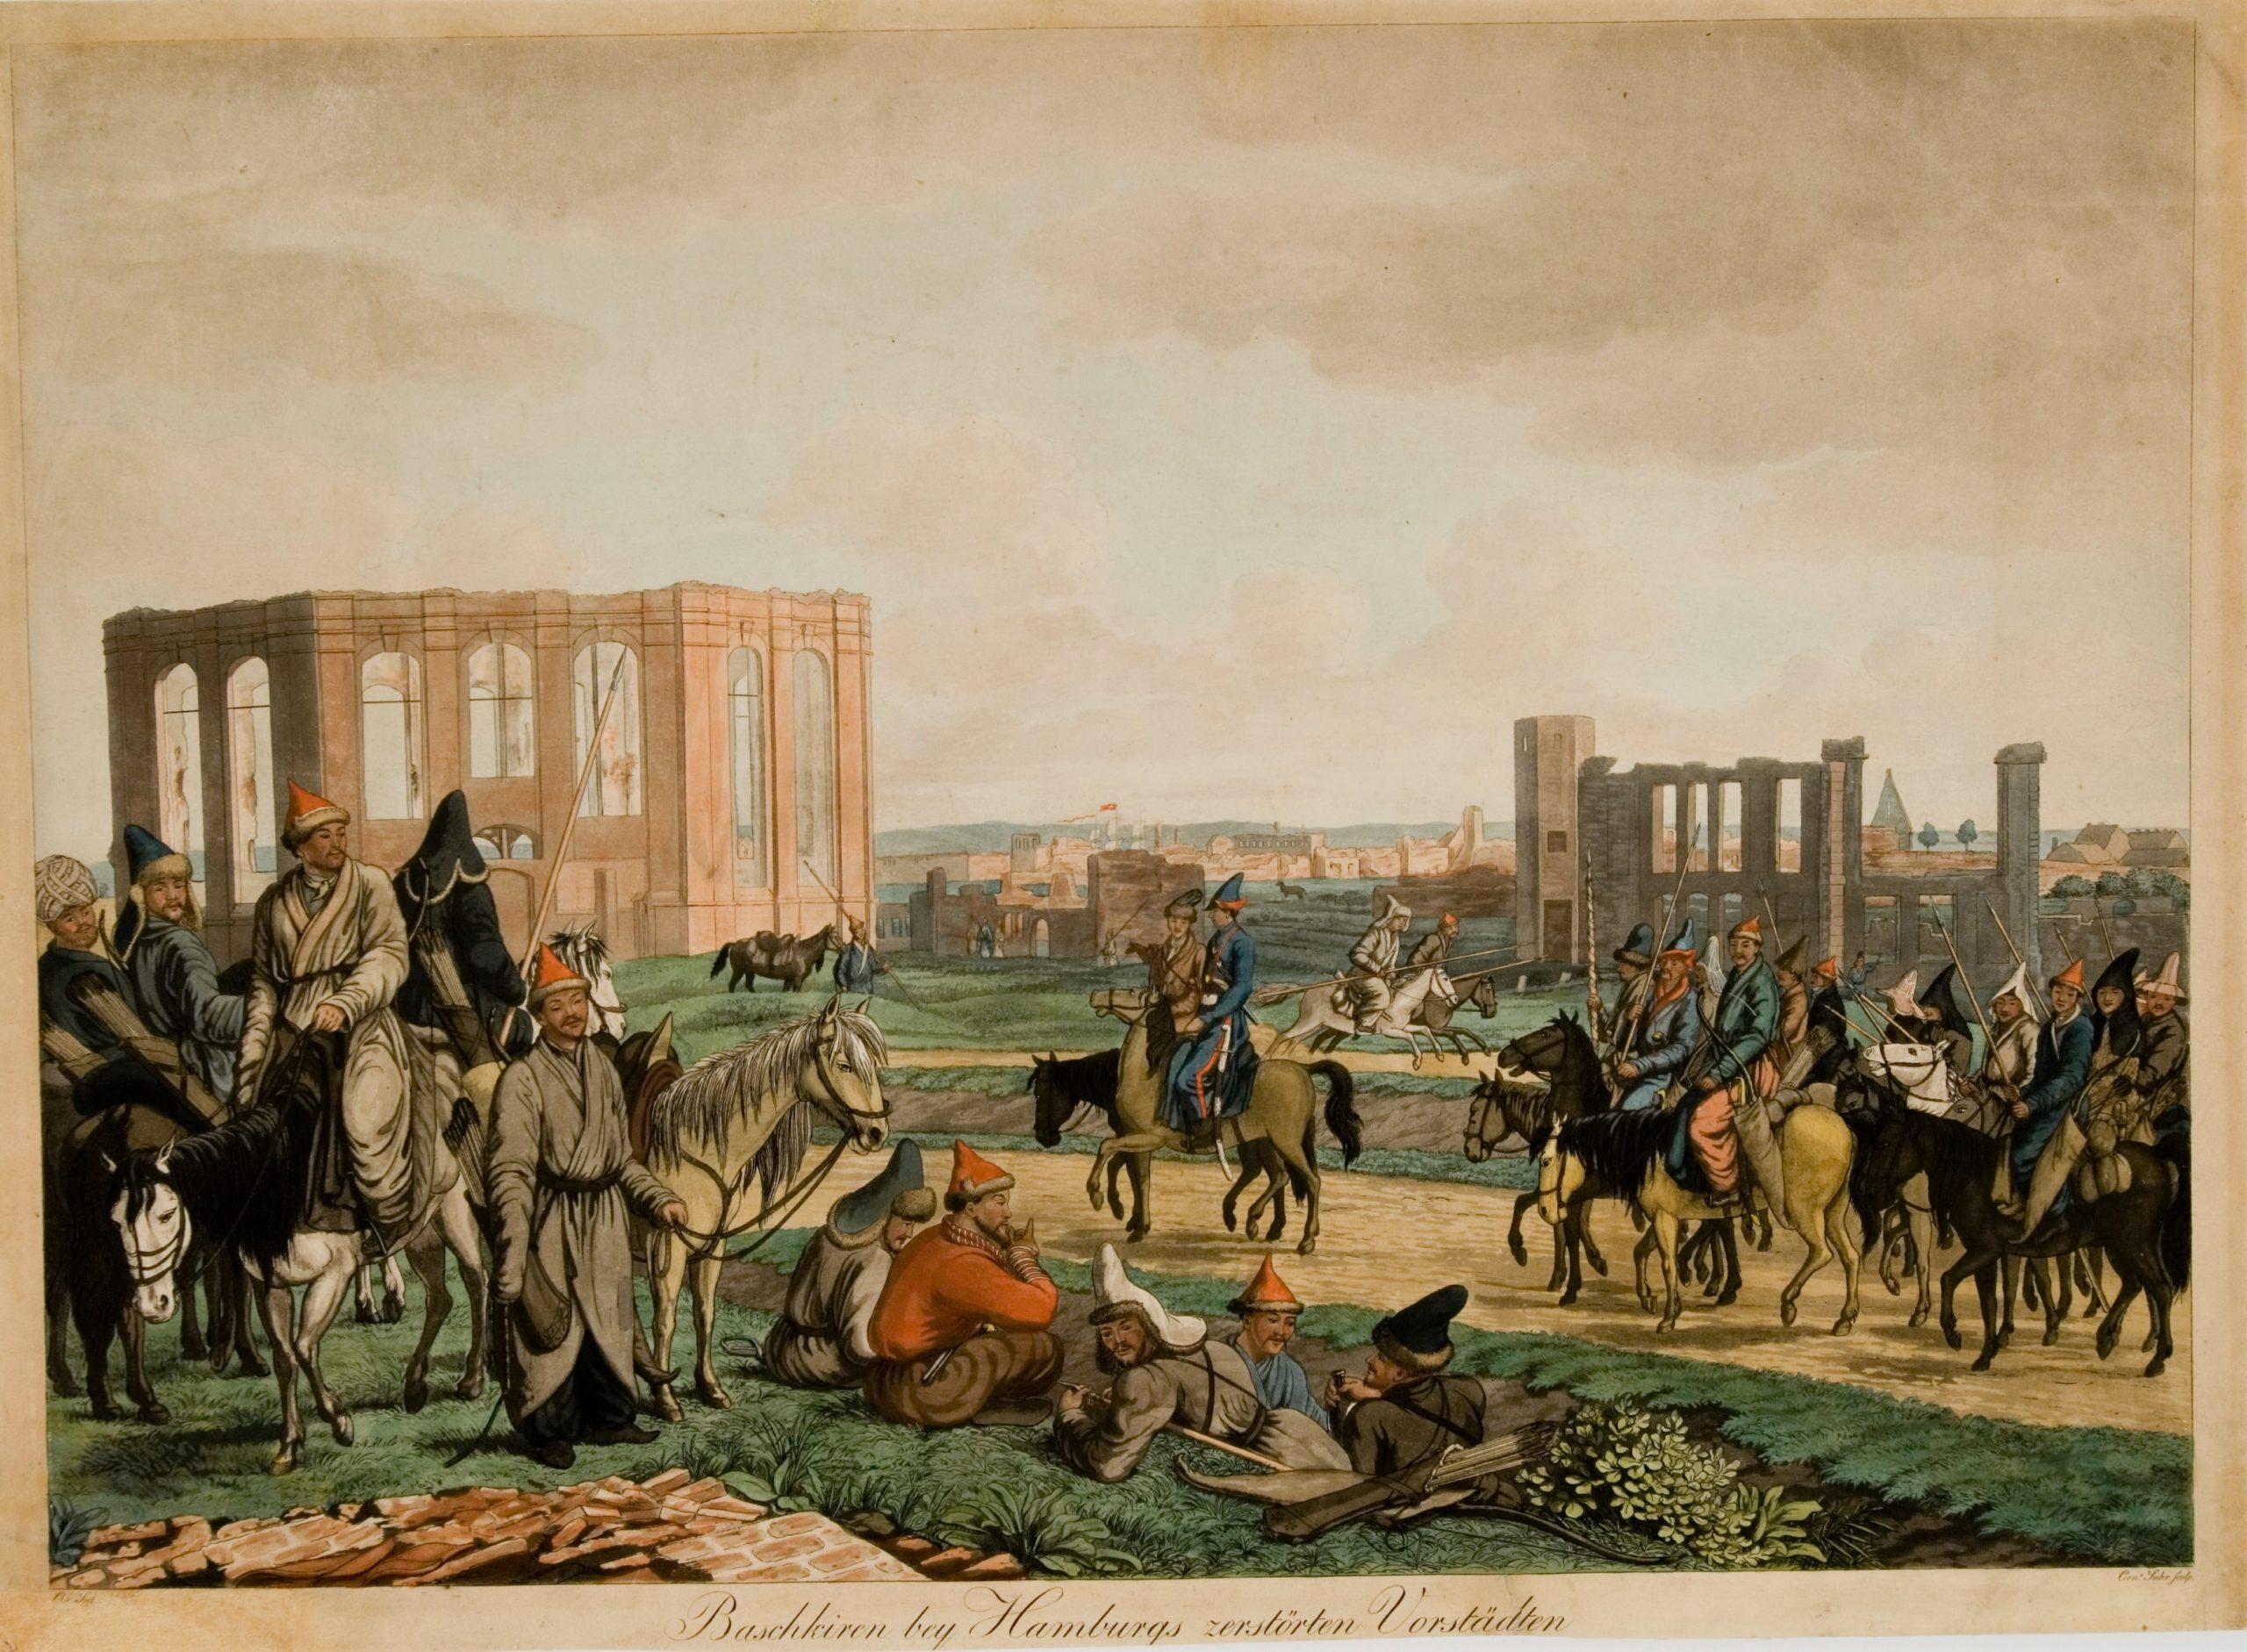 Baschkiren bey Hamburgs zerstörten Vorstädten im Jahre 1814.